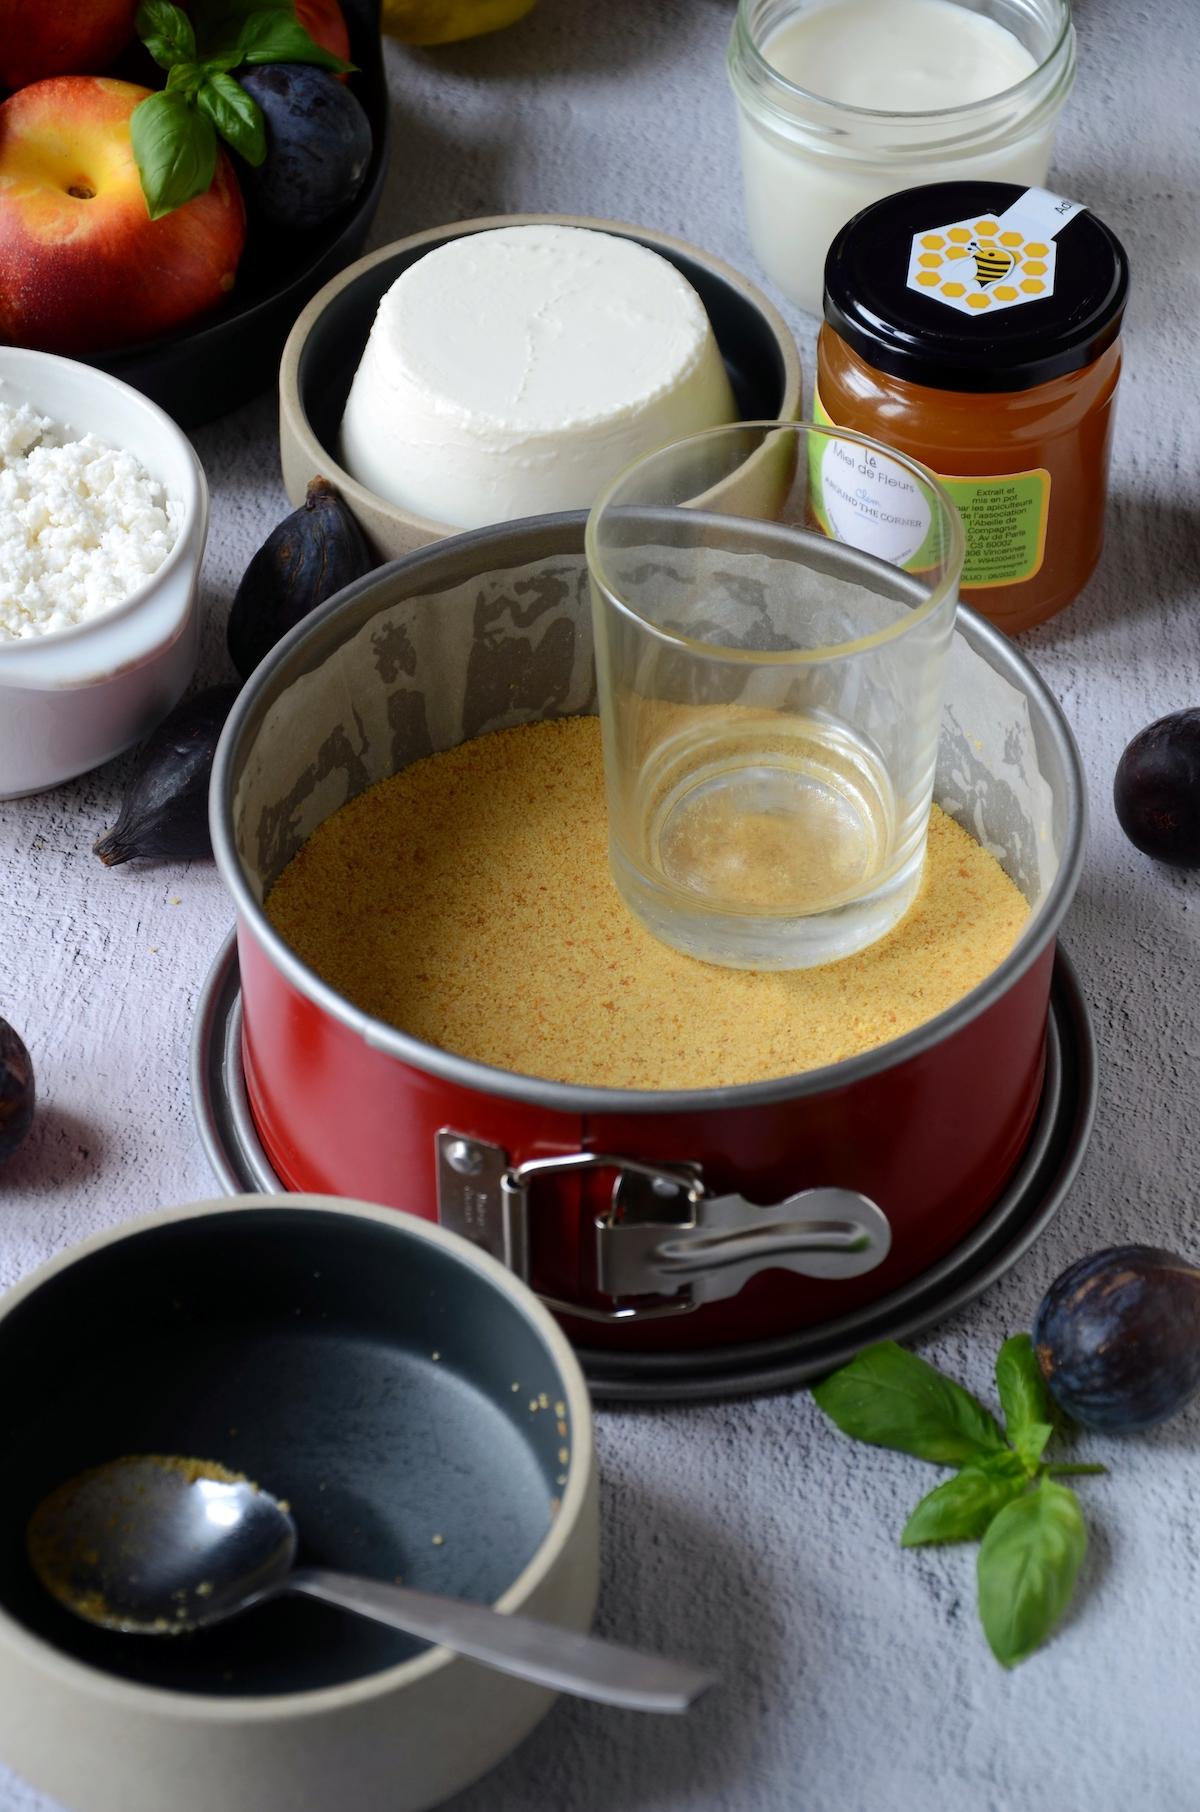 réussir recette cheesecake chèvre nectarines rôtie miel - clem around the corner